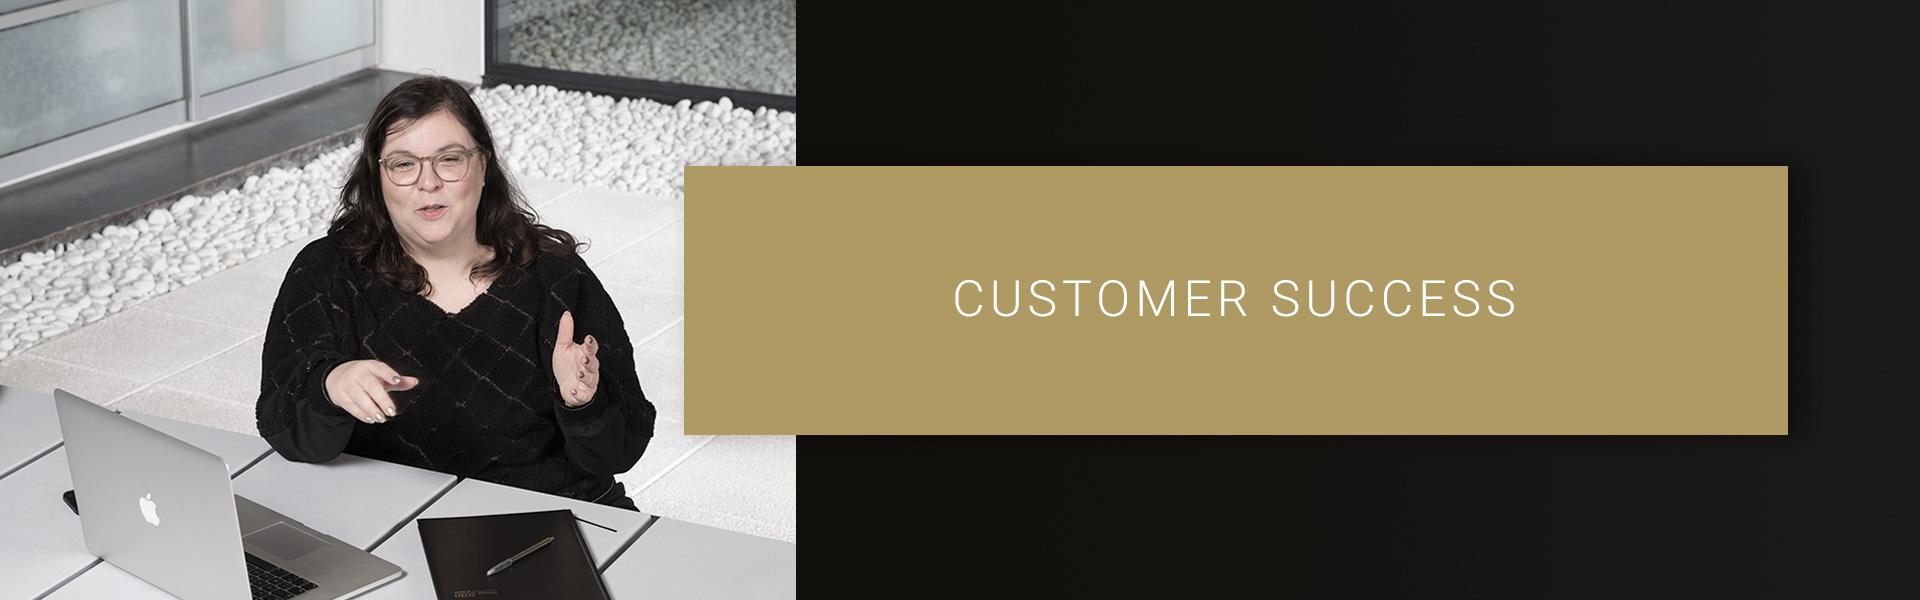 Chetta_banner_customer_success